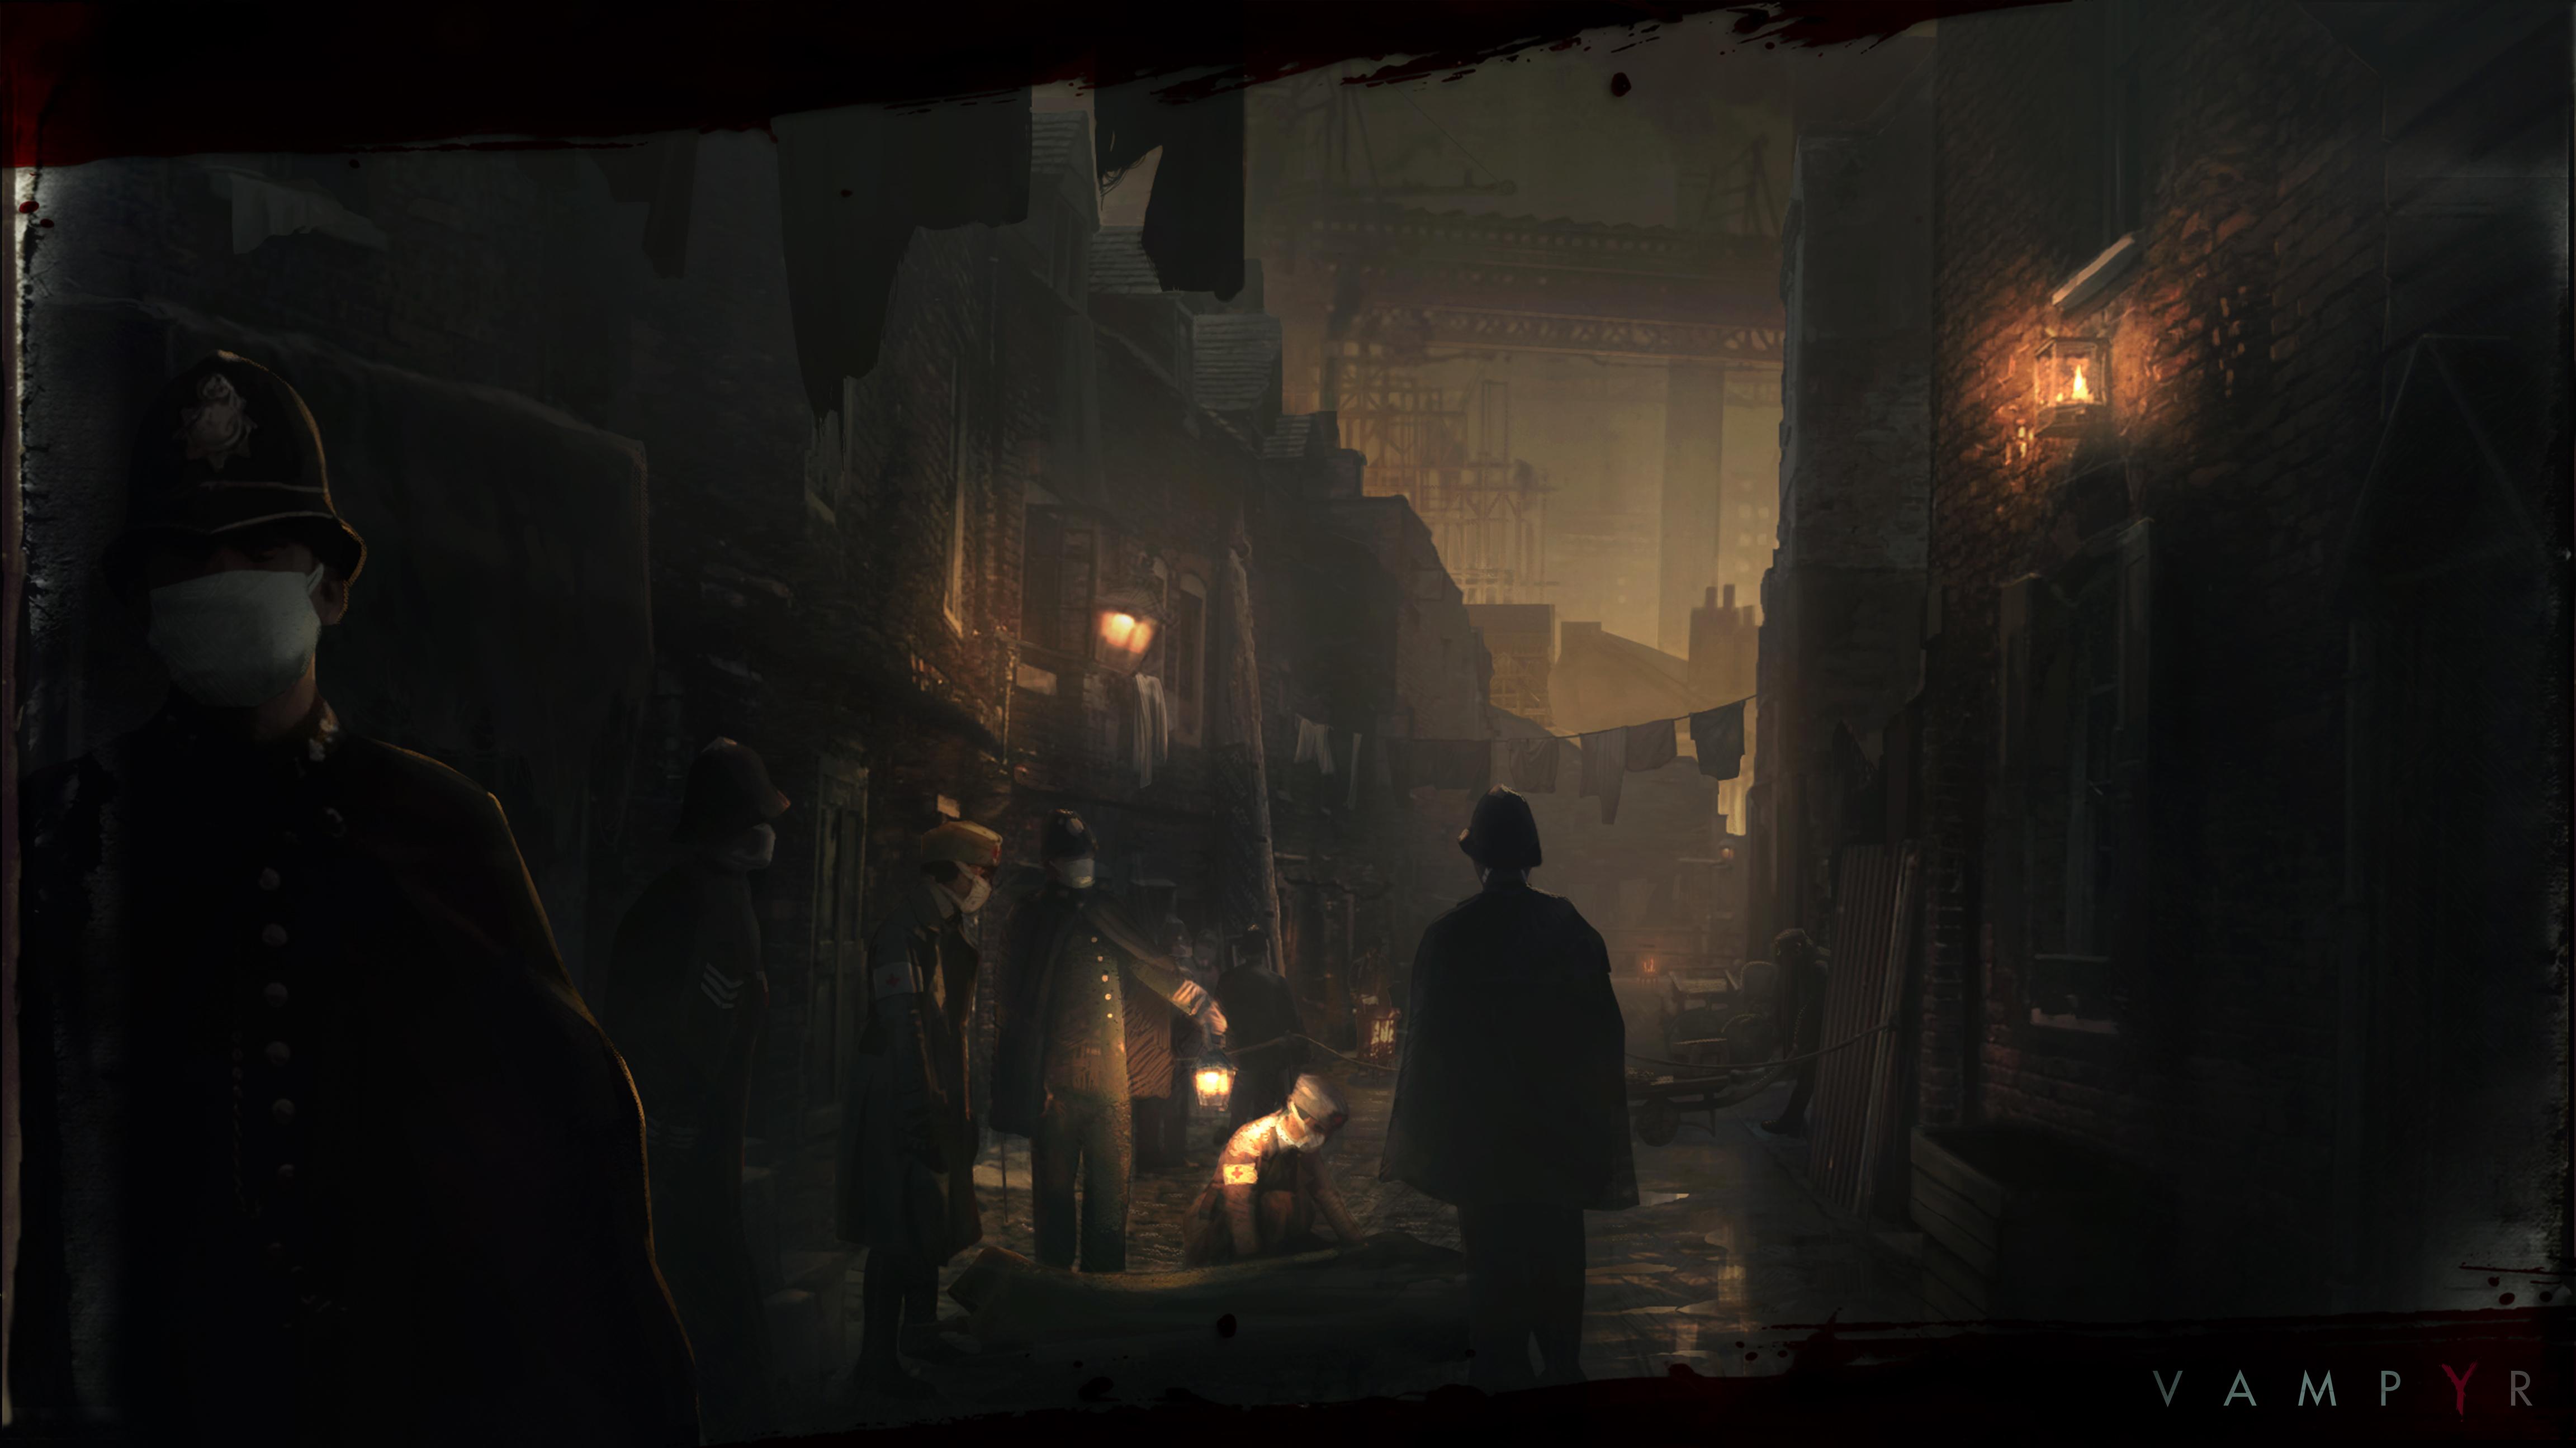 Vampyr, il gioco che racconta Londra devastata dall'influenza spagnola in nuovi artwork